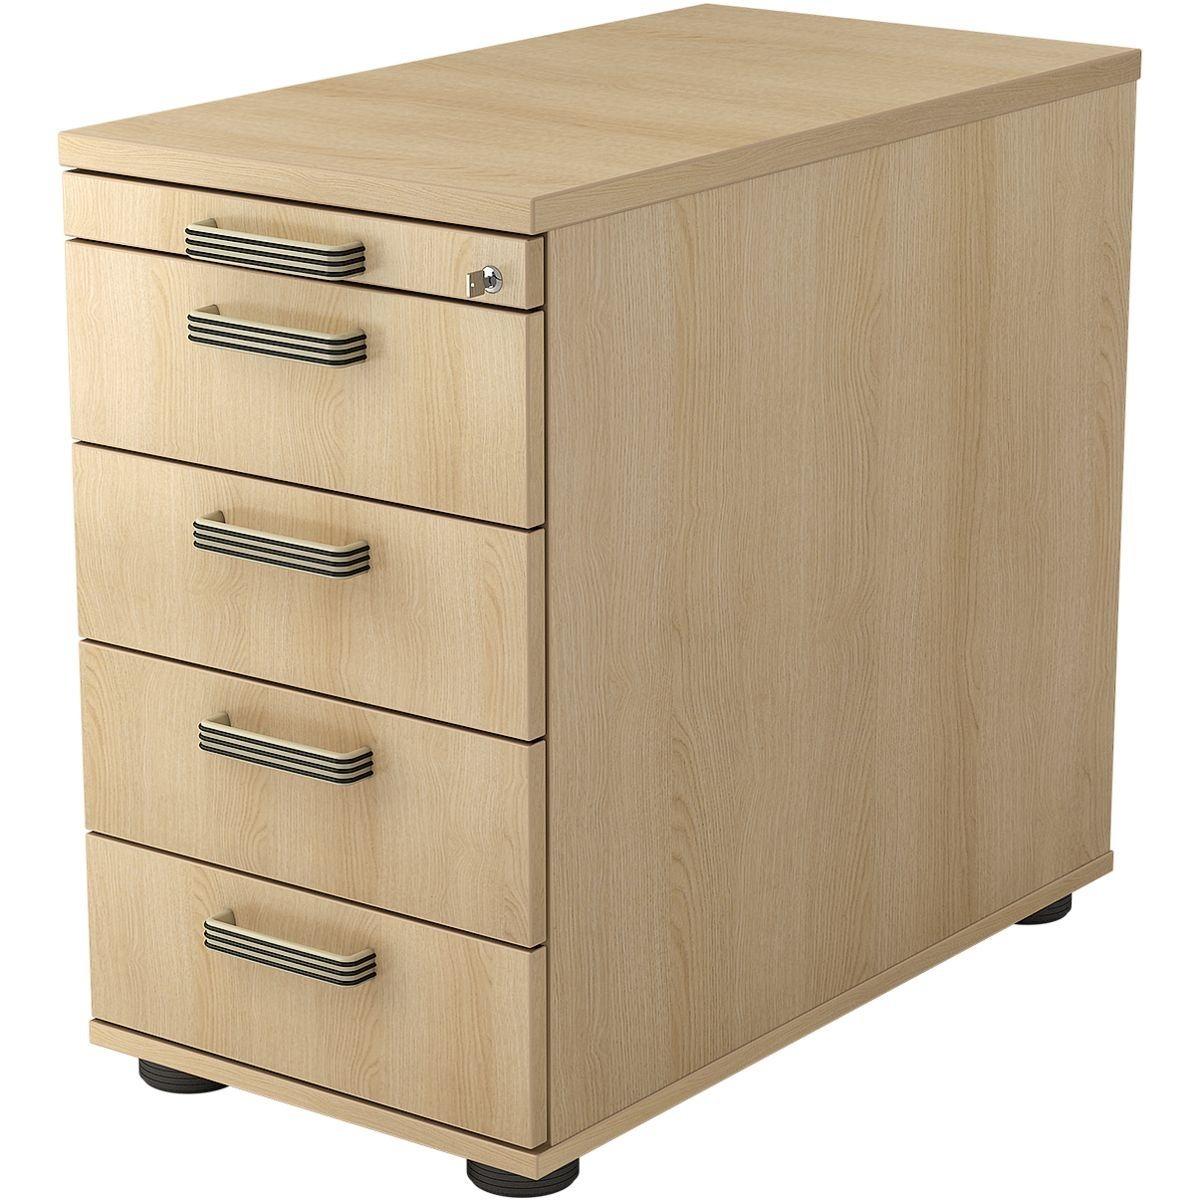 HAMMERBACHER Standcontainer mit klassischen Schubladen »R-Line« | Büro > Büroschränke > Container | Abs | HAMMERBACHER